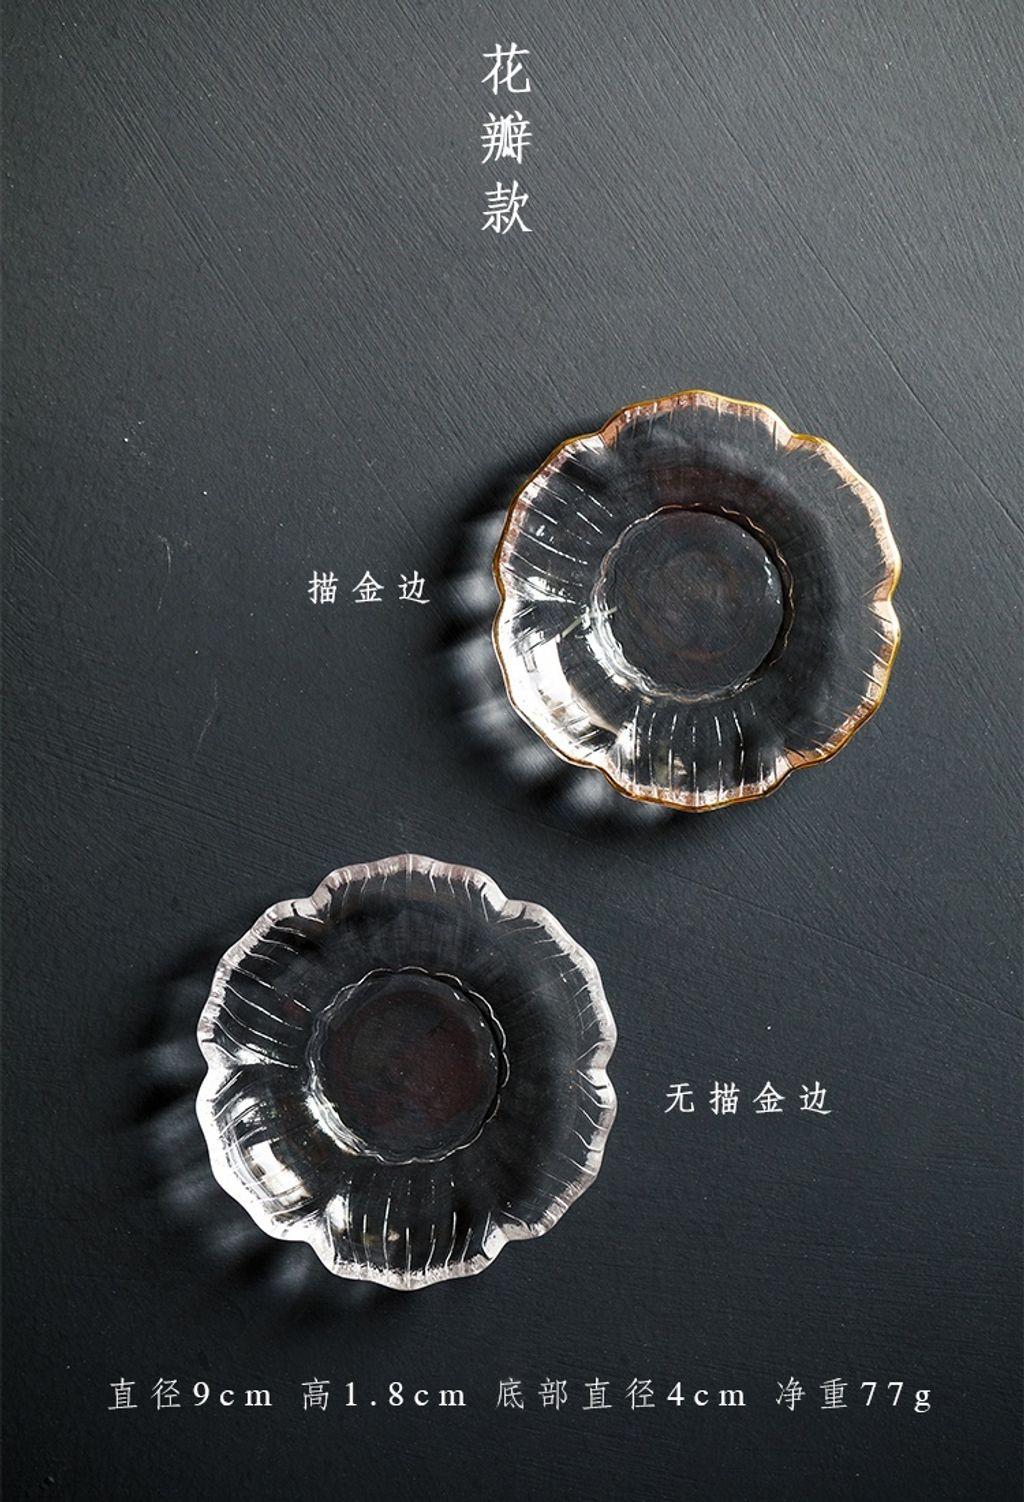 描金玻璃茶杯壂3-4-1.jpg